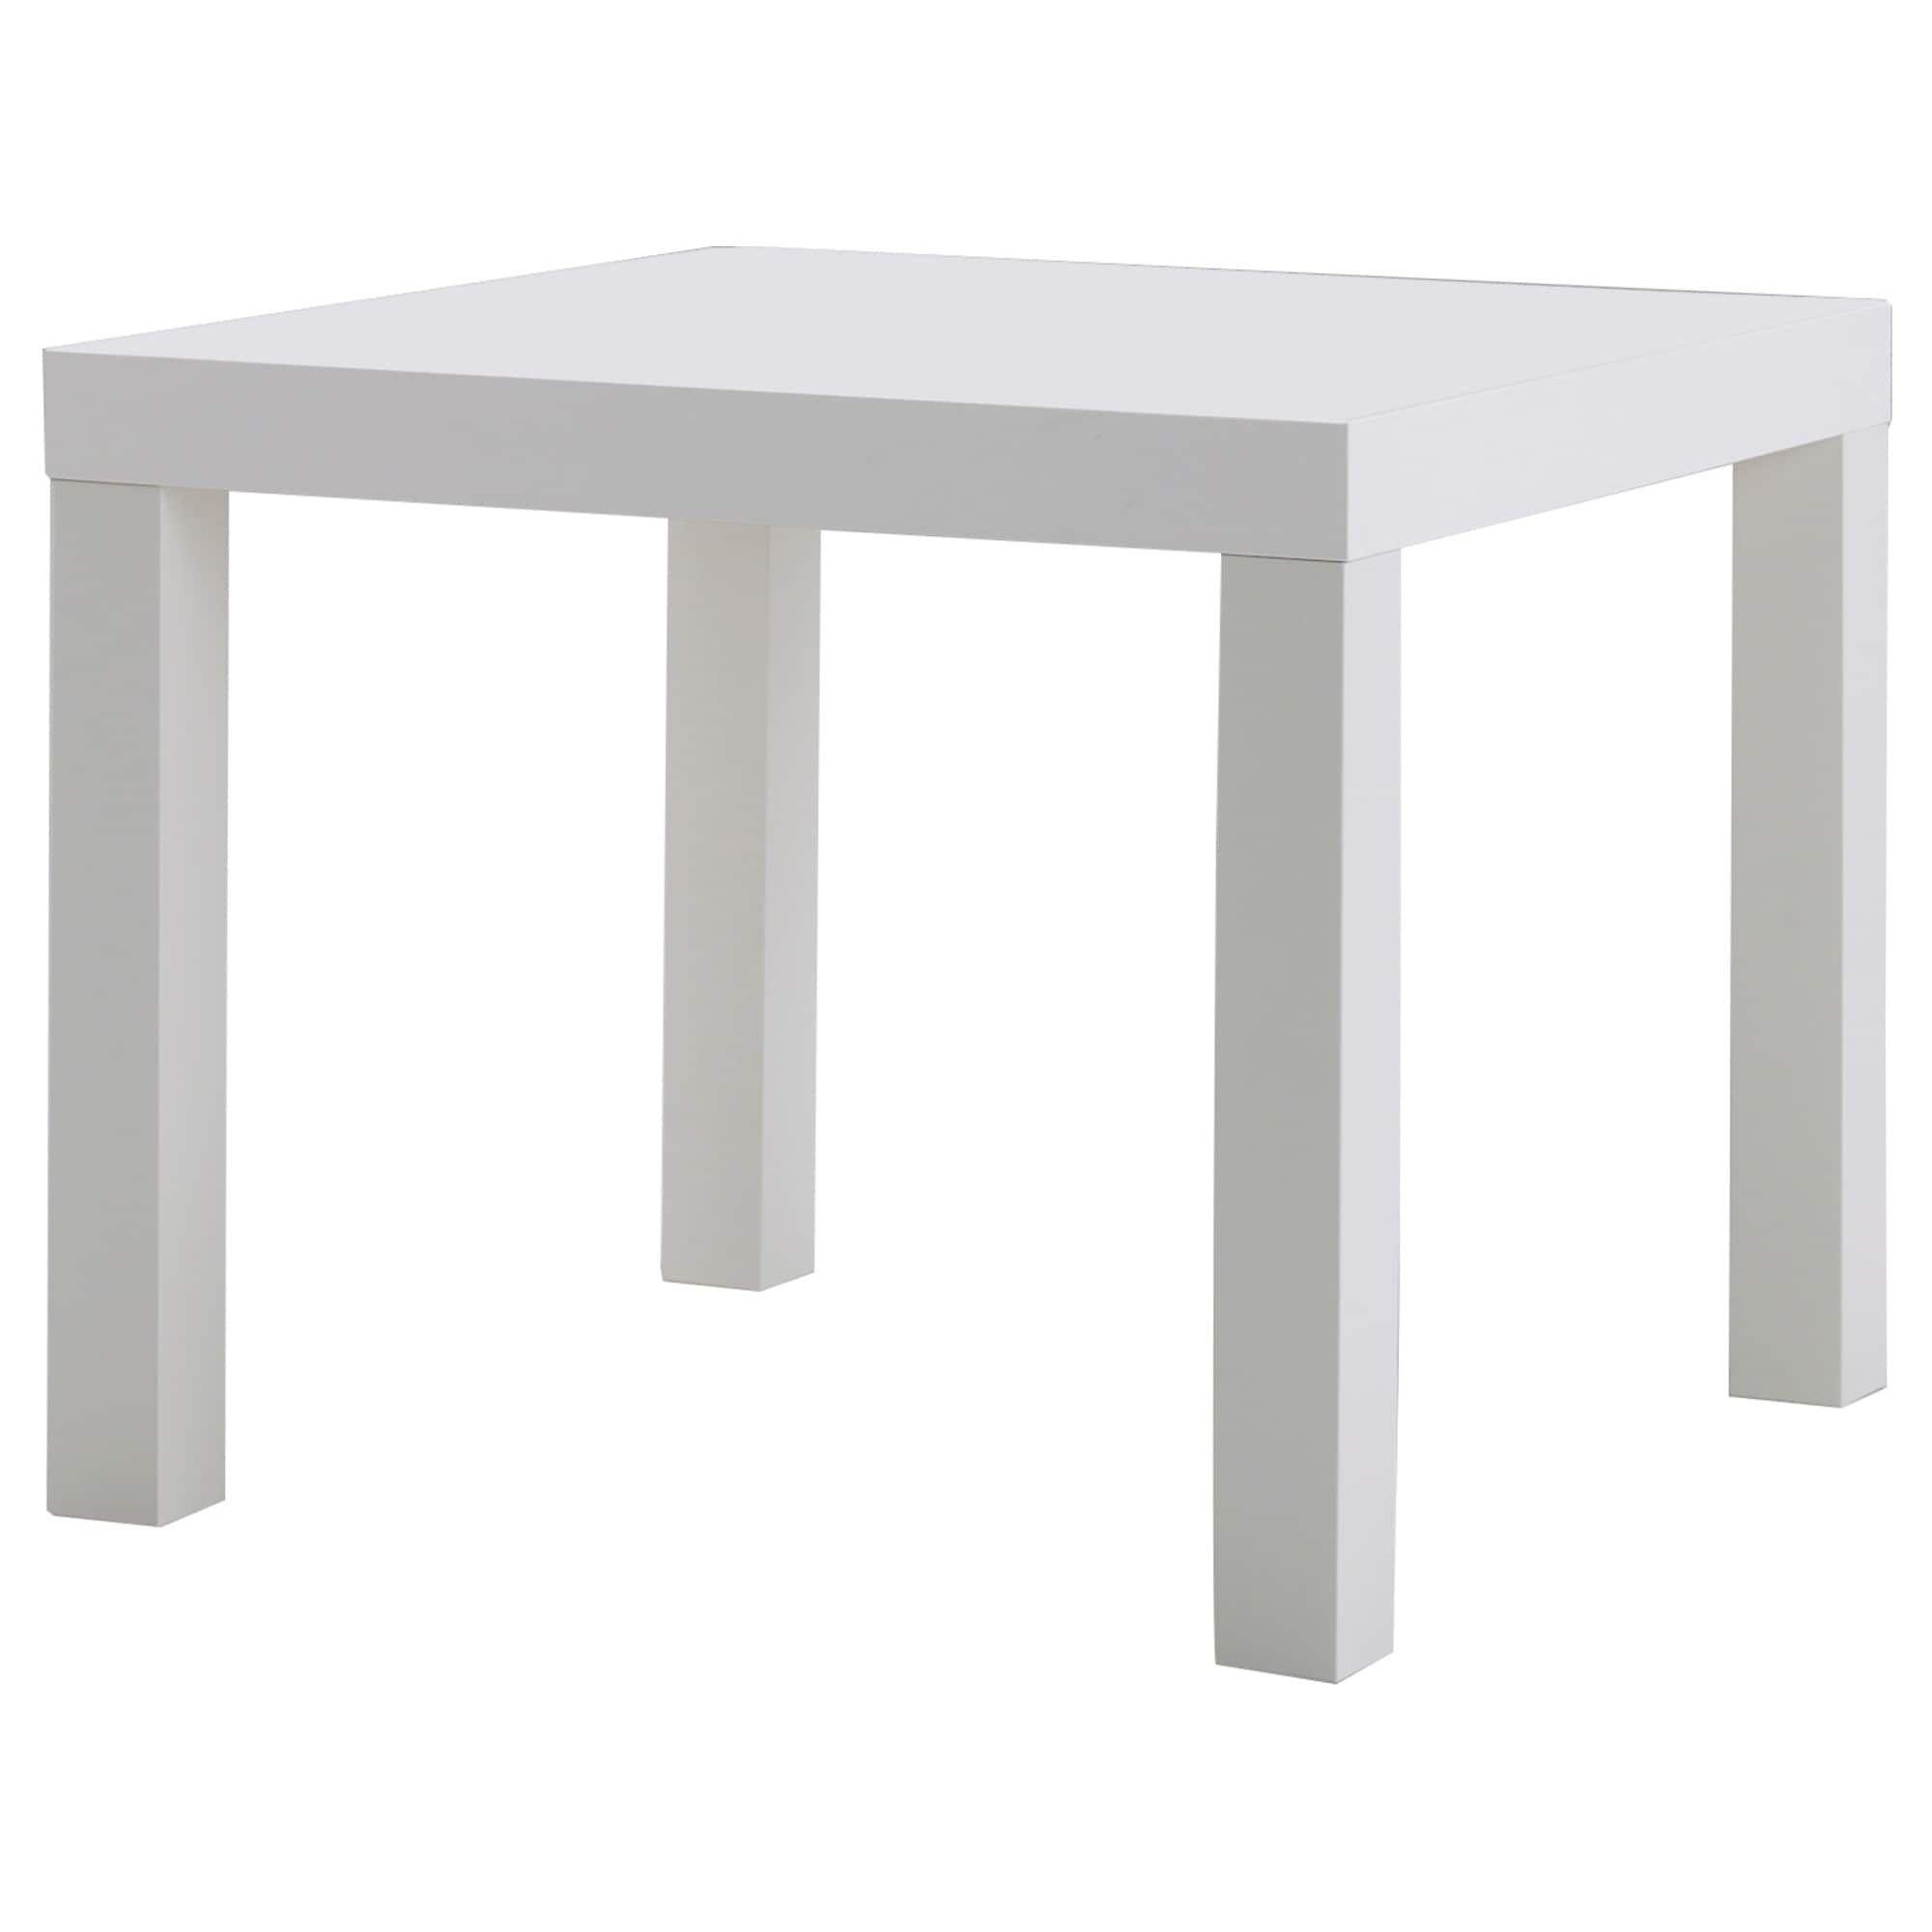 Ikea Lack Beistelltisch Ikea Beistelltisch Ikea Lack Tisch Ikea Tisch